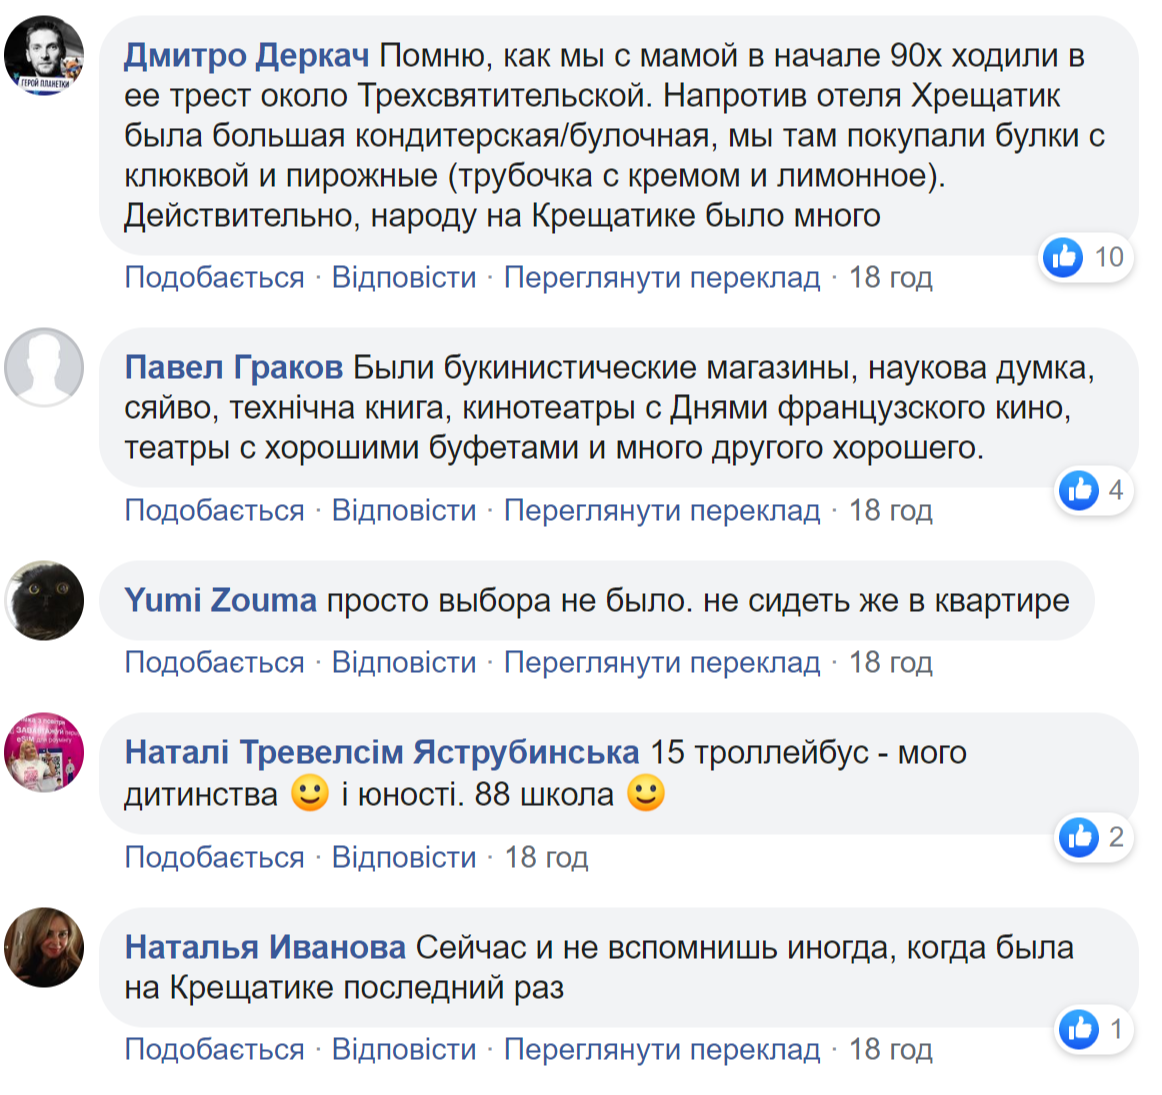 """""""Что их туда тянуло? Загадка!"""" Фото толп людей в центре Киева 70-х годов поразили сеть"""